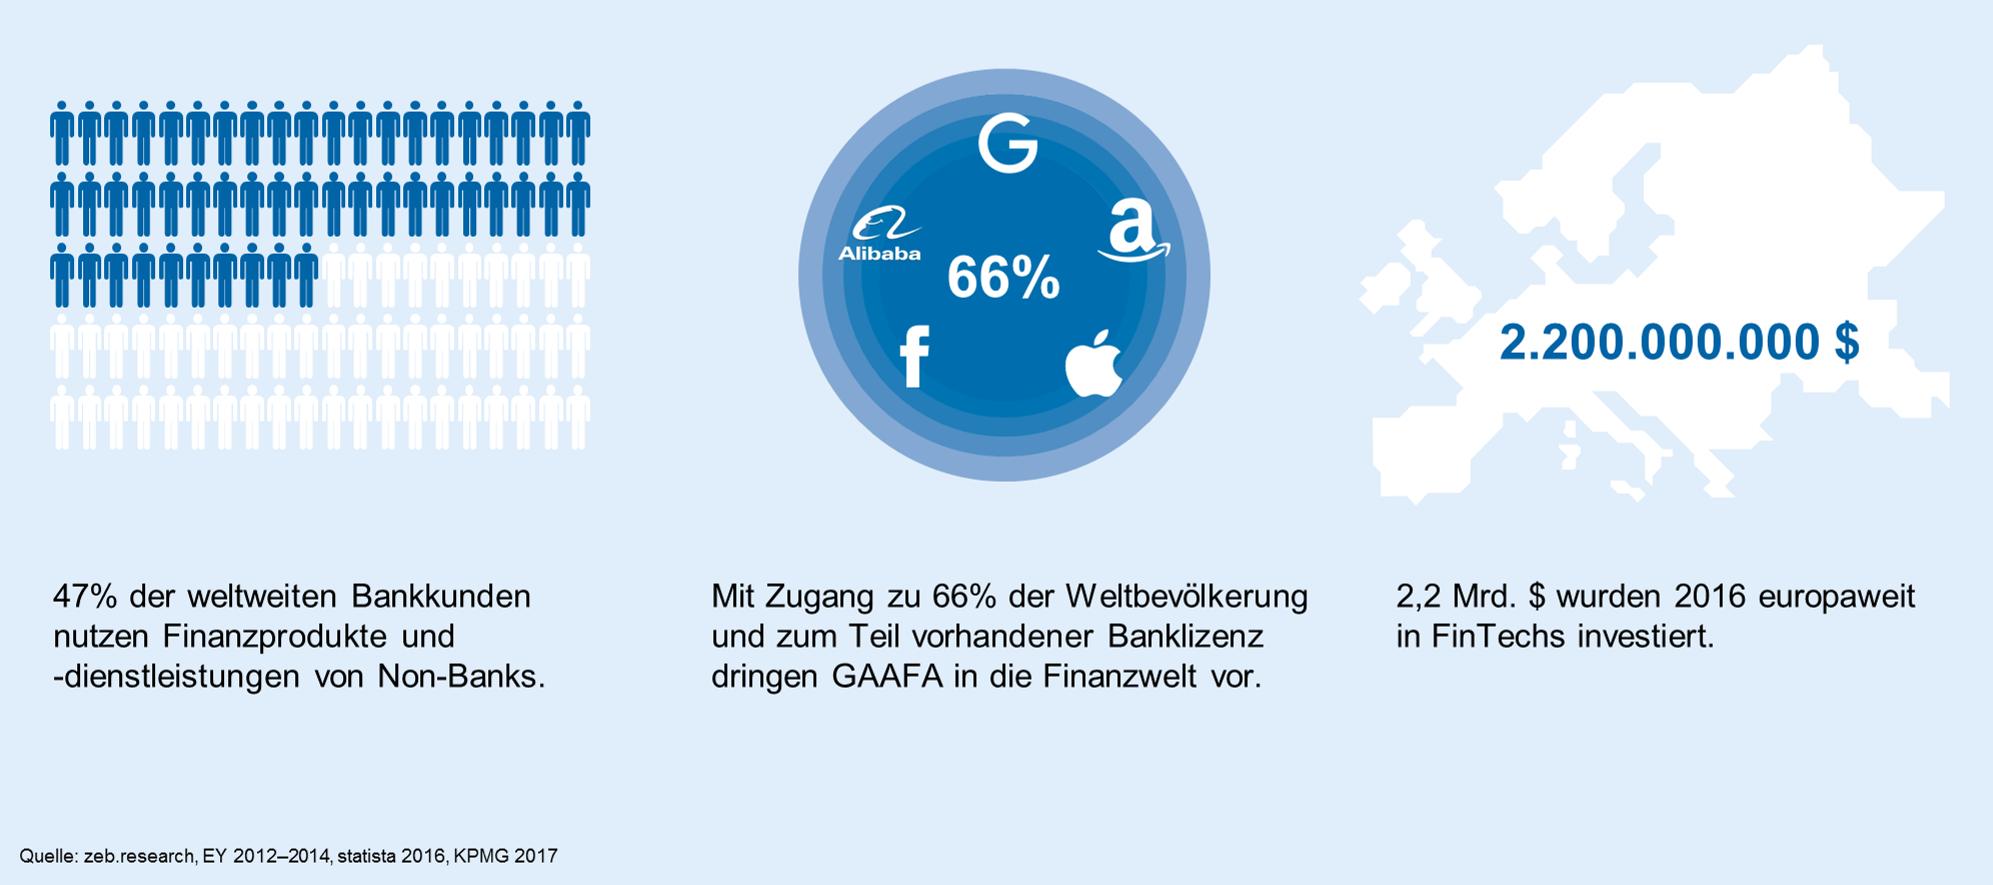 Wie digital sind Europas Banken? Transformationsdruck auf Banken verschärft sich – Kunden und Investoren setzen zunehmend auf digitalisierte Geschäftsmodelle